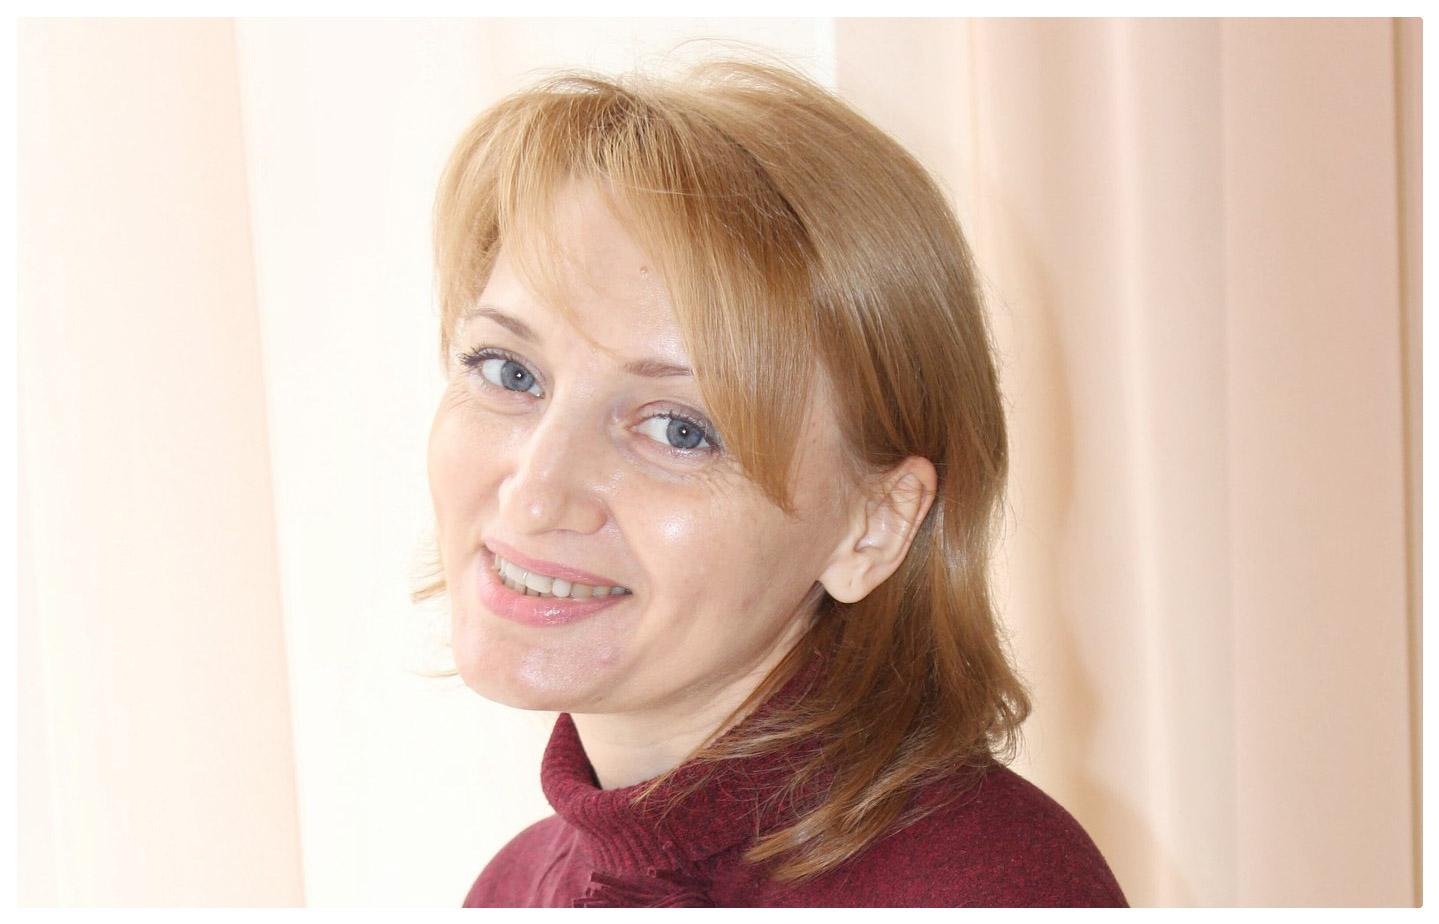 Людмила Казанцева: «Про н-науку. Следите за руками. Первый акт научного спектакля.» (01.04.21)